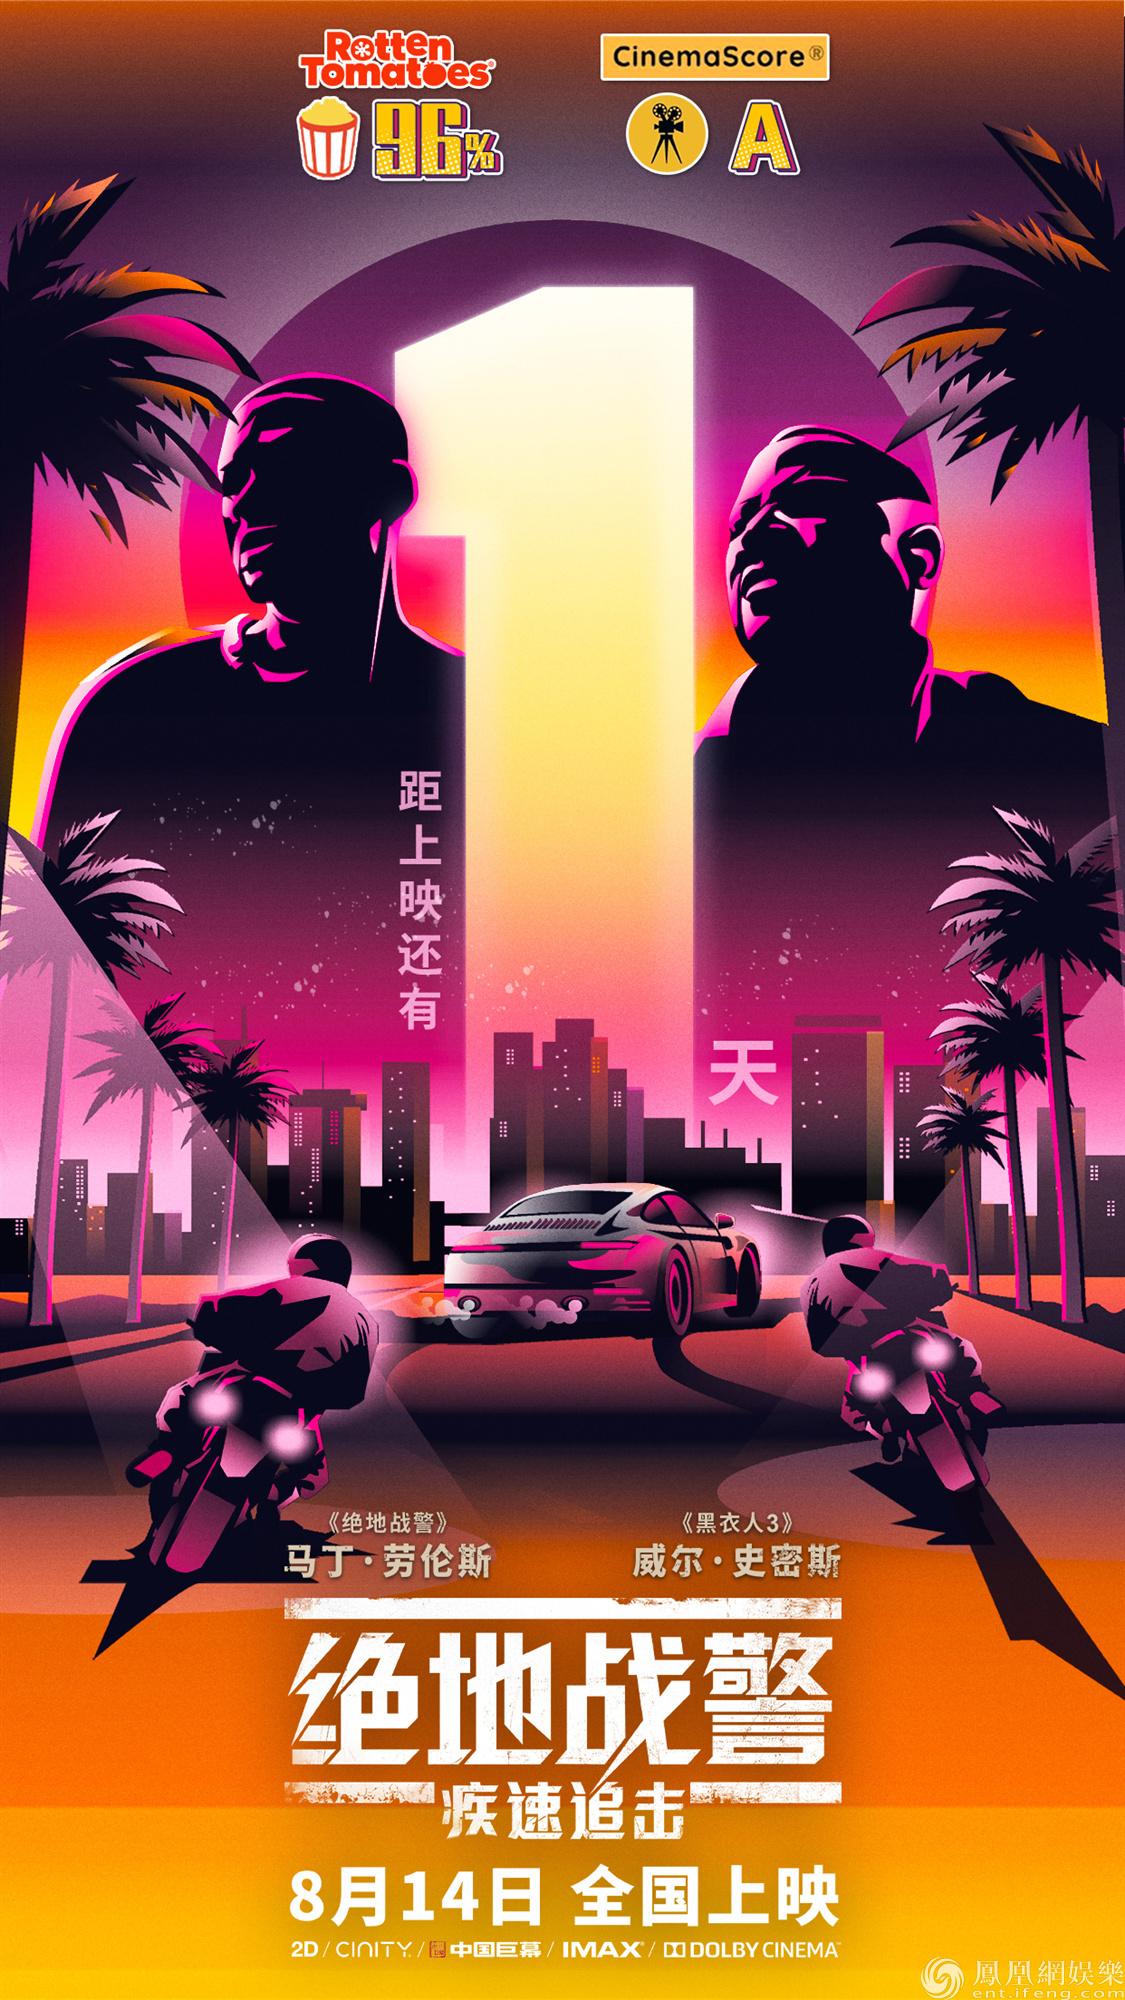 《绝地战警:疾速追击》明日上映史皇飙车枪战燃燥周末